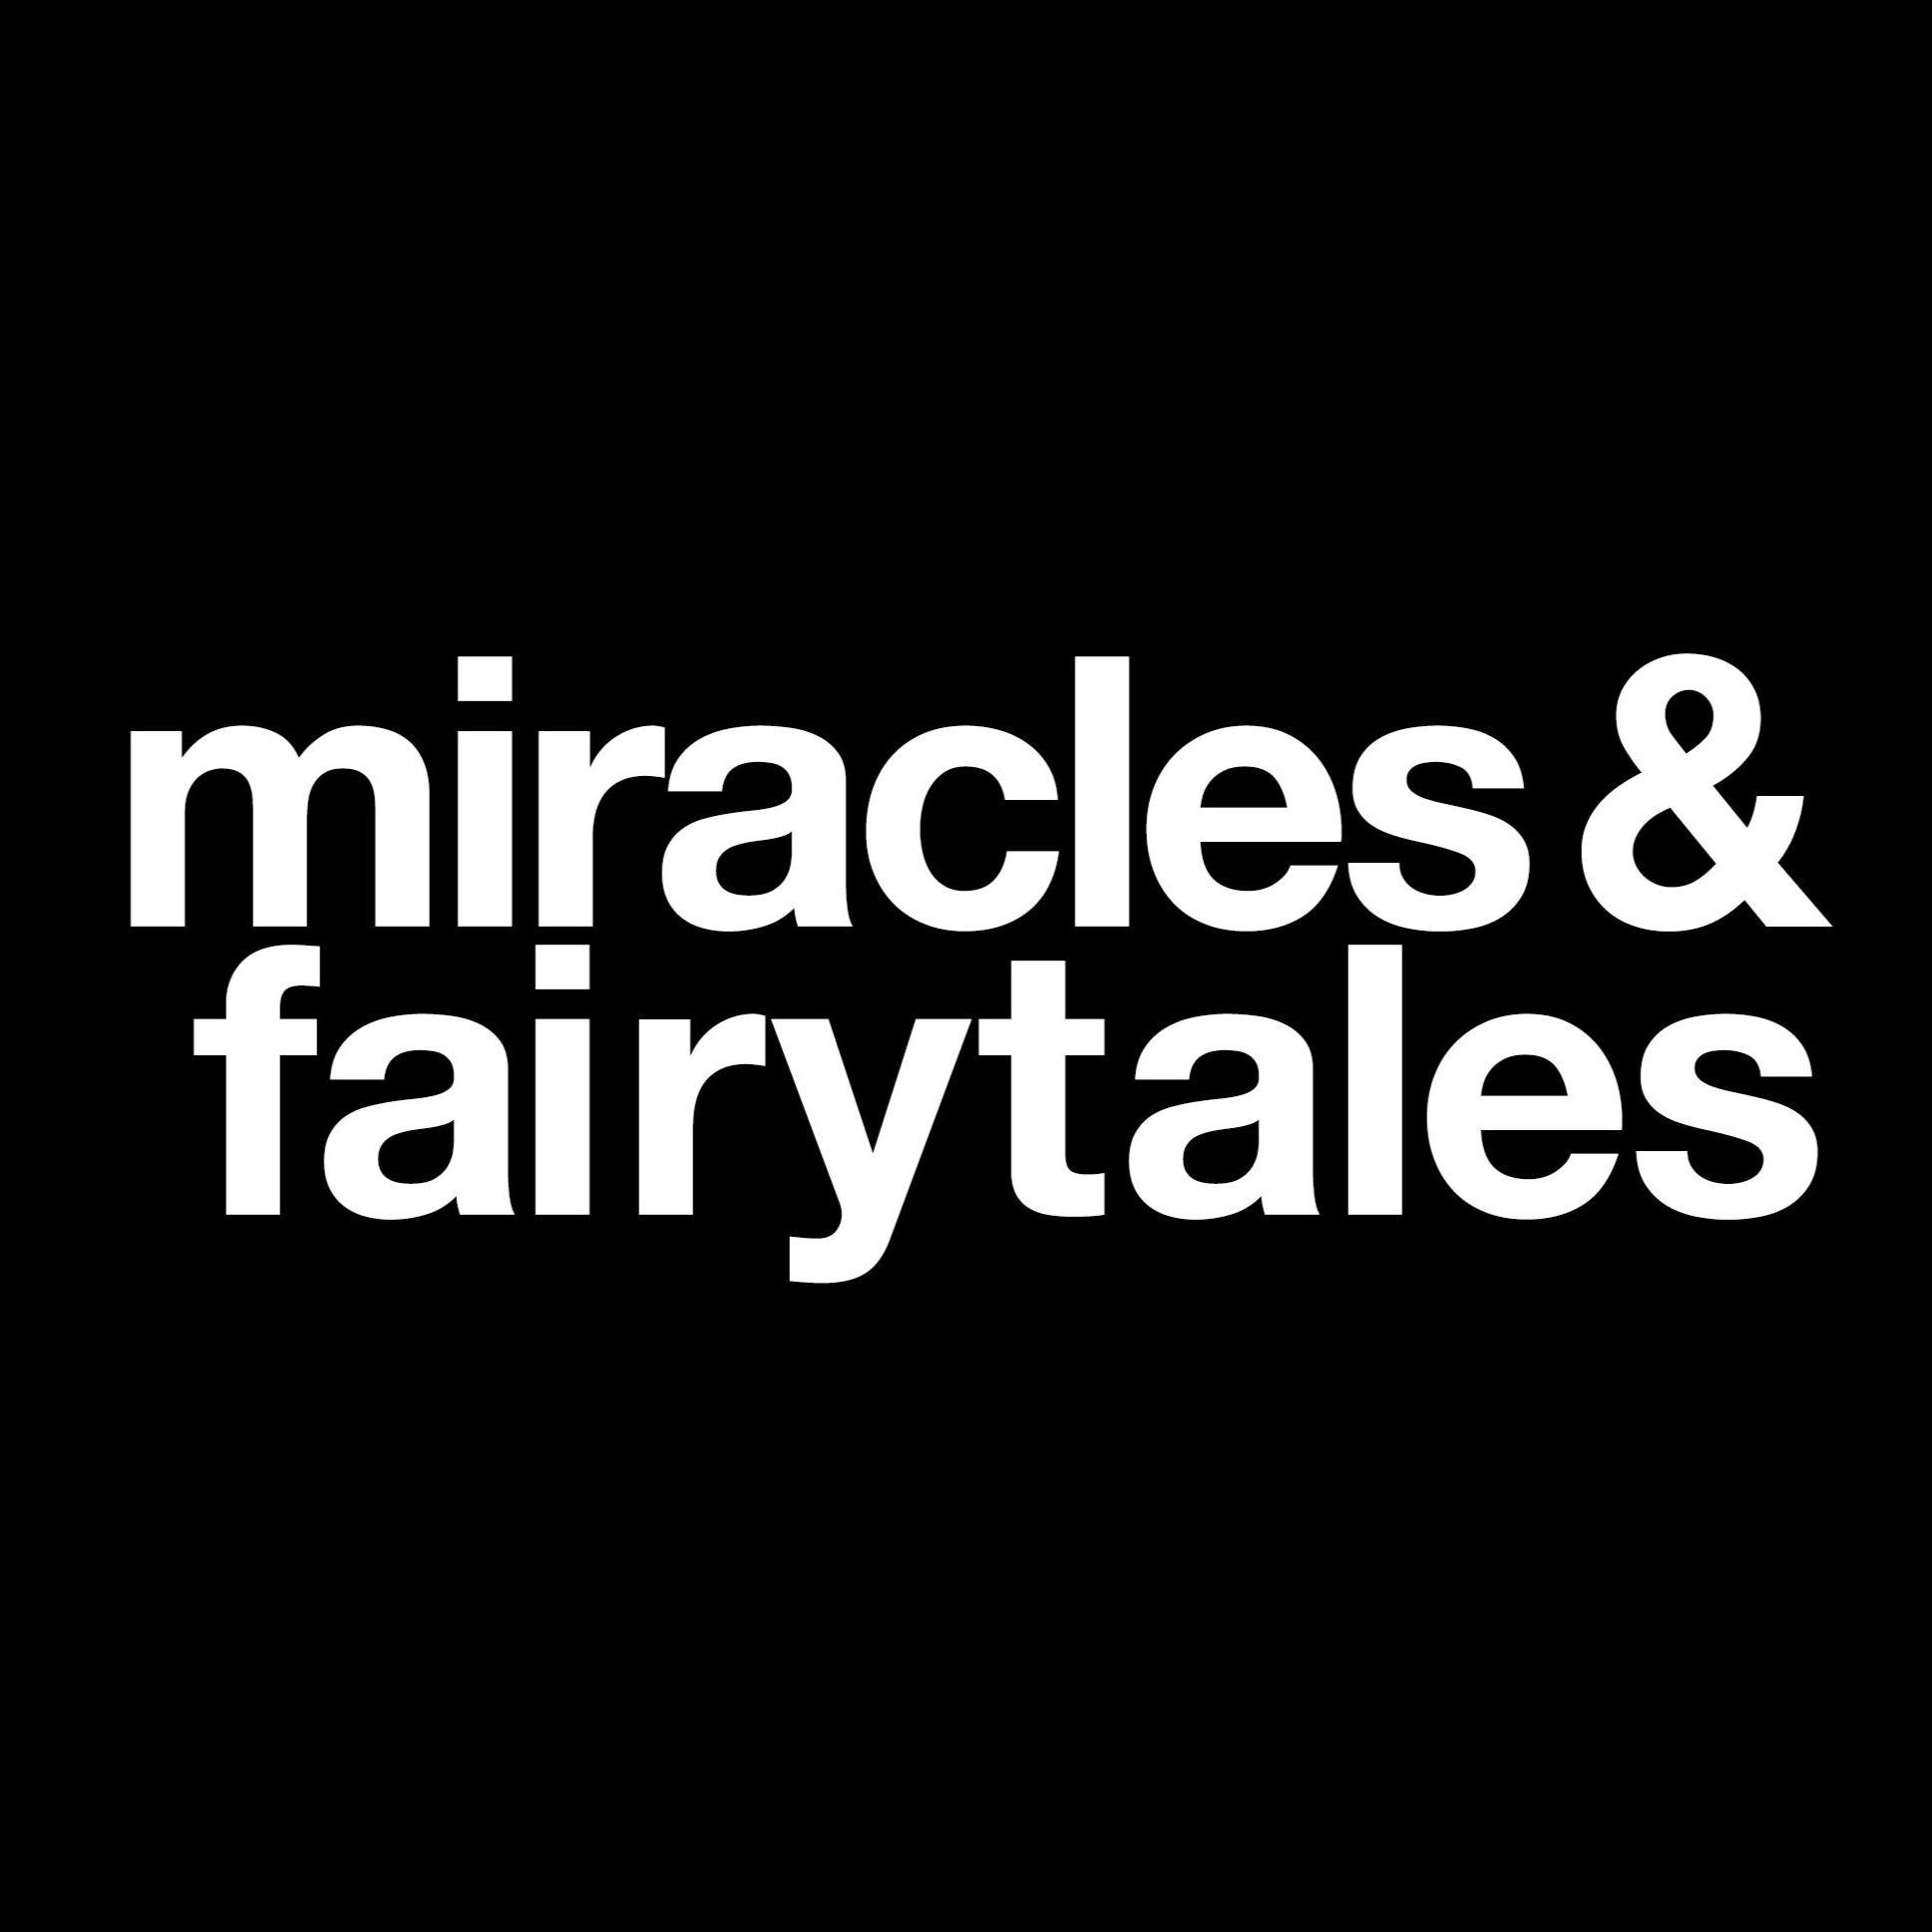 Bild zu miracles & fairytales - Filmproduktion & Videoproduktion - Imagefilm für YouTube & TikTok Marketing in Sindelfingen